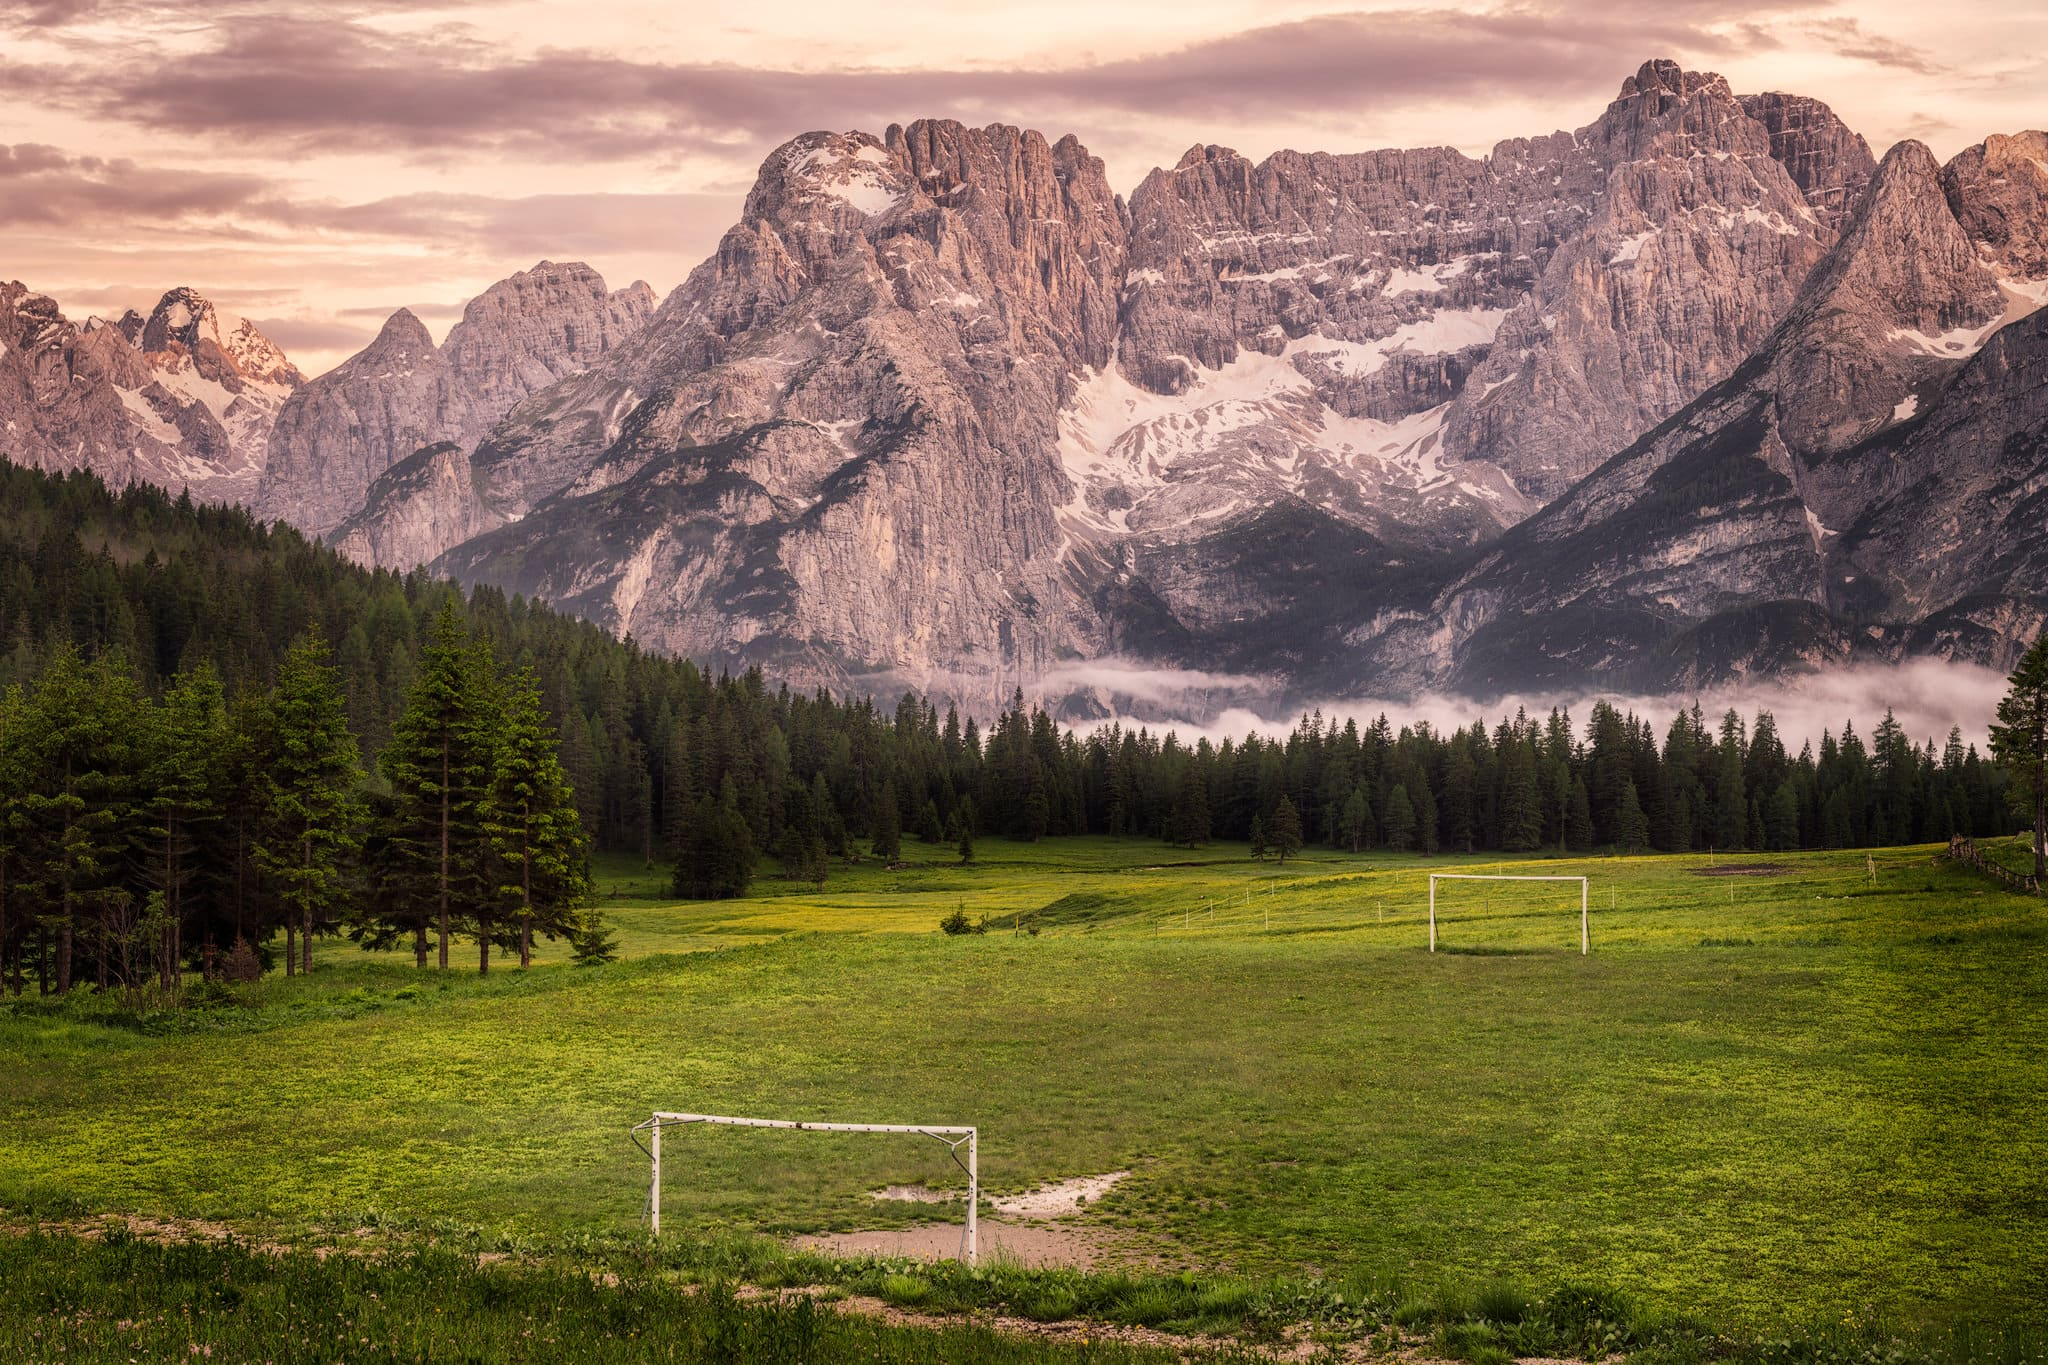 Misurina in den Dolomiten - ein abendlicher Blick auf den Berg Civetta und.... ein Fußballplatz!